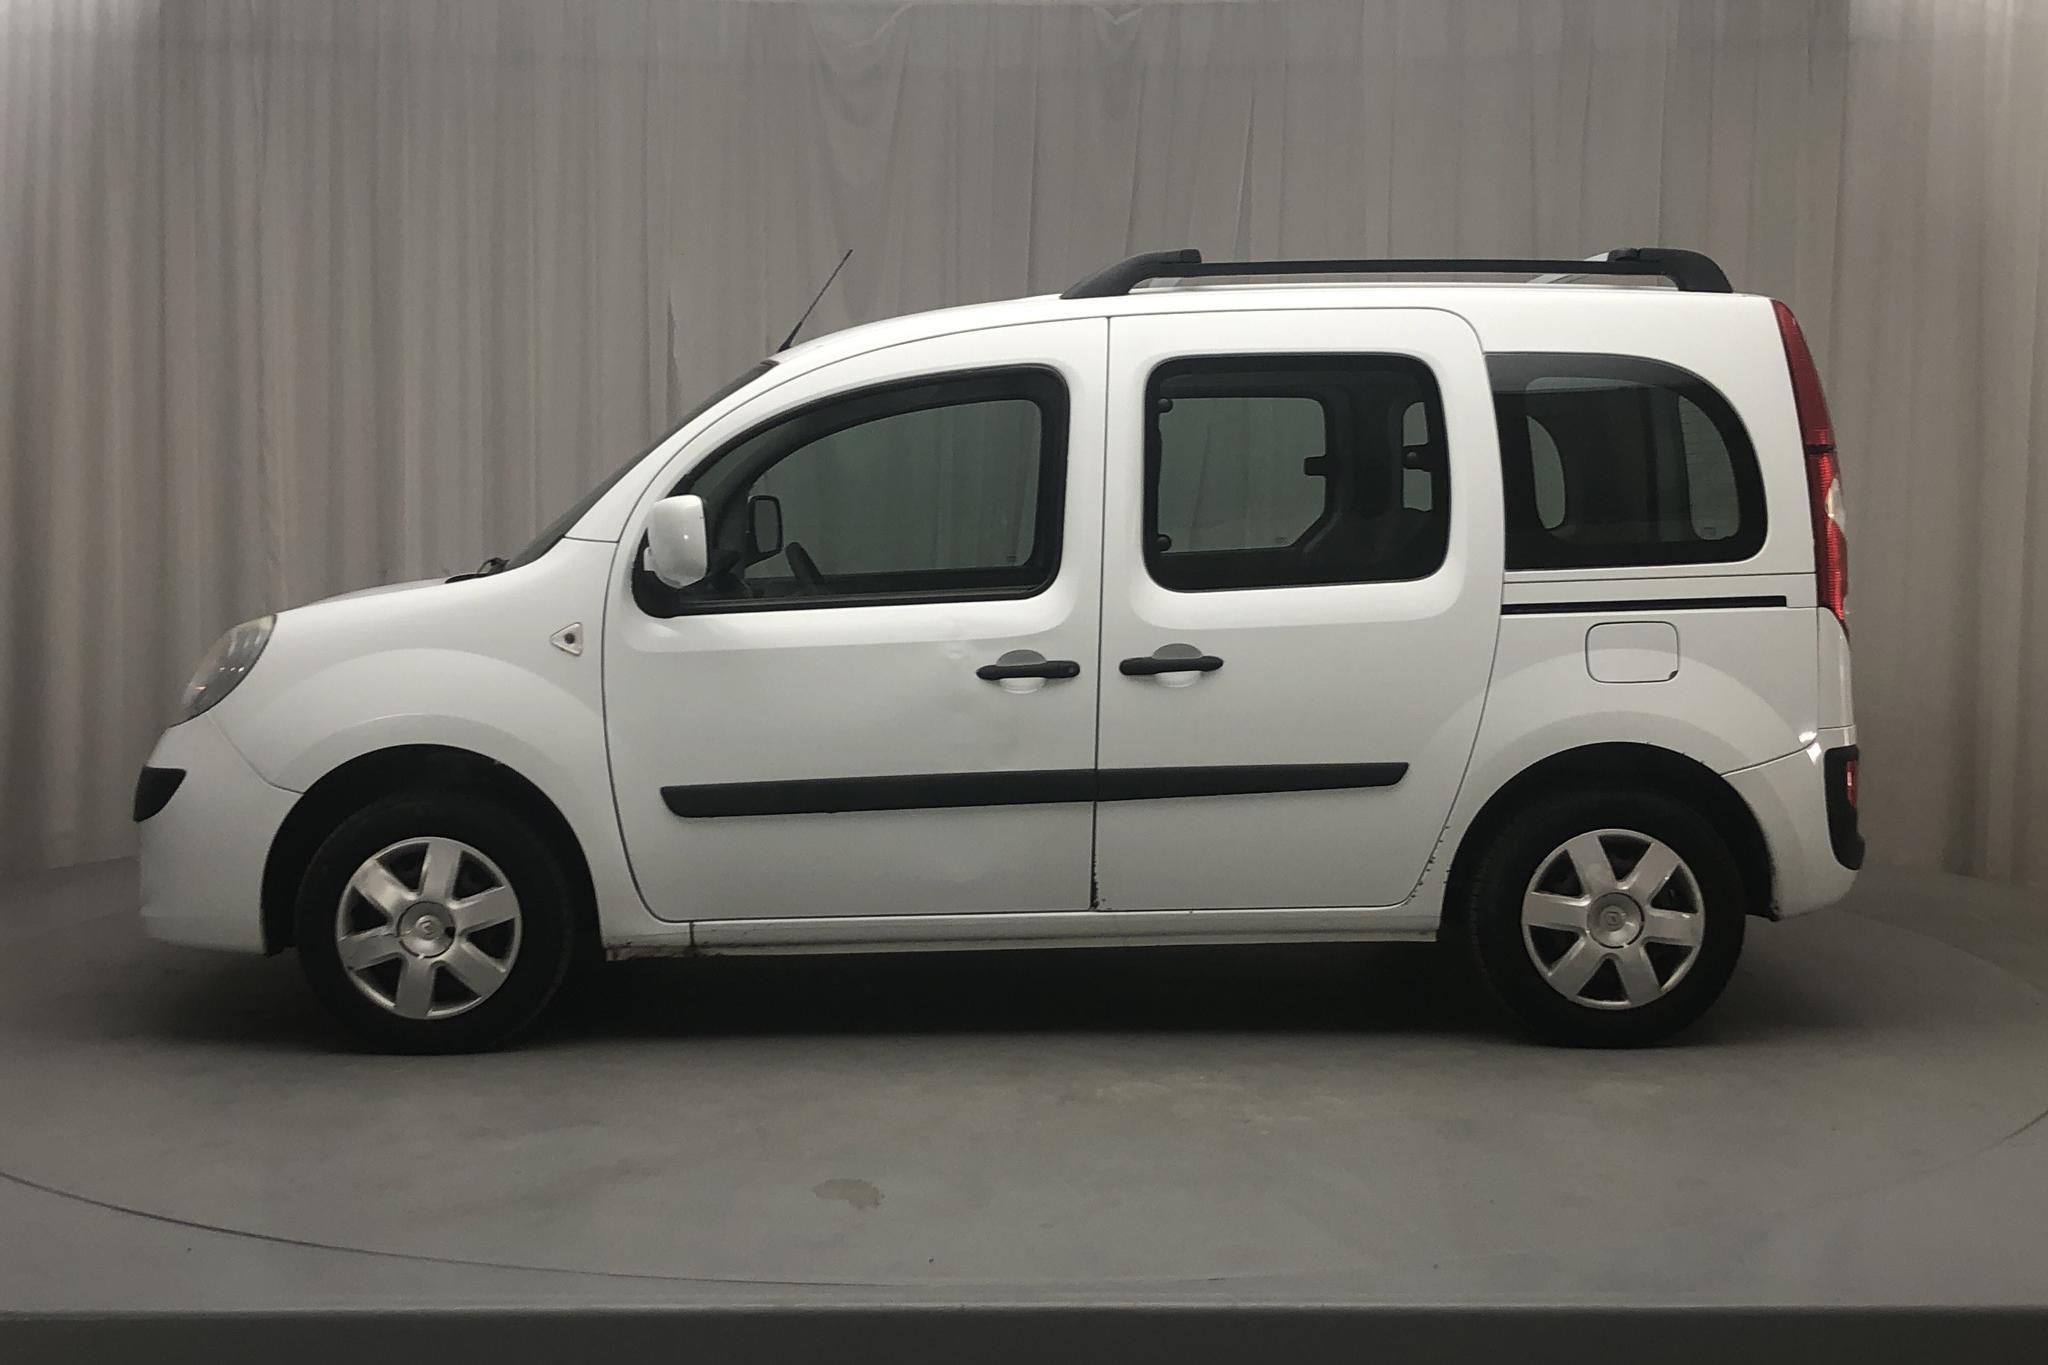 Renault Kangoo Express Passanger II 1.5 dCi FAP (105hk) - 221 890 km - Manual - white - 2010